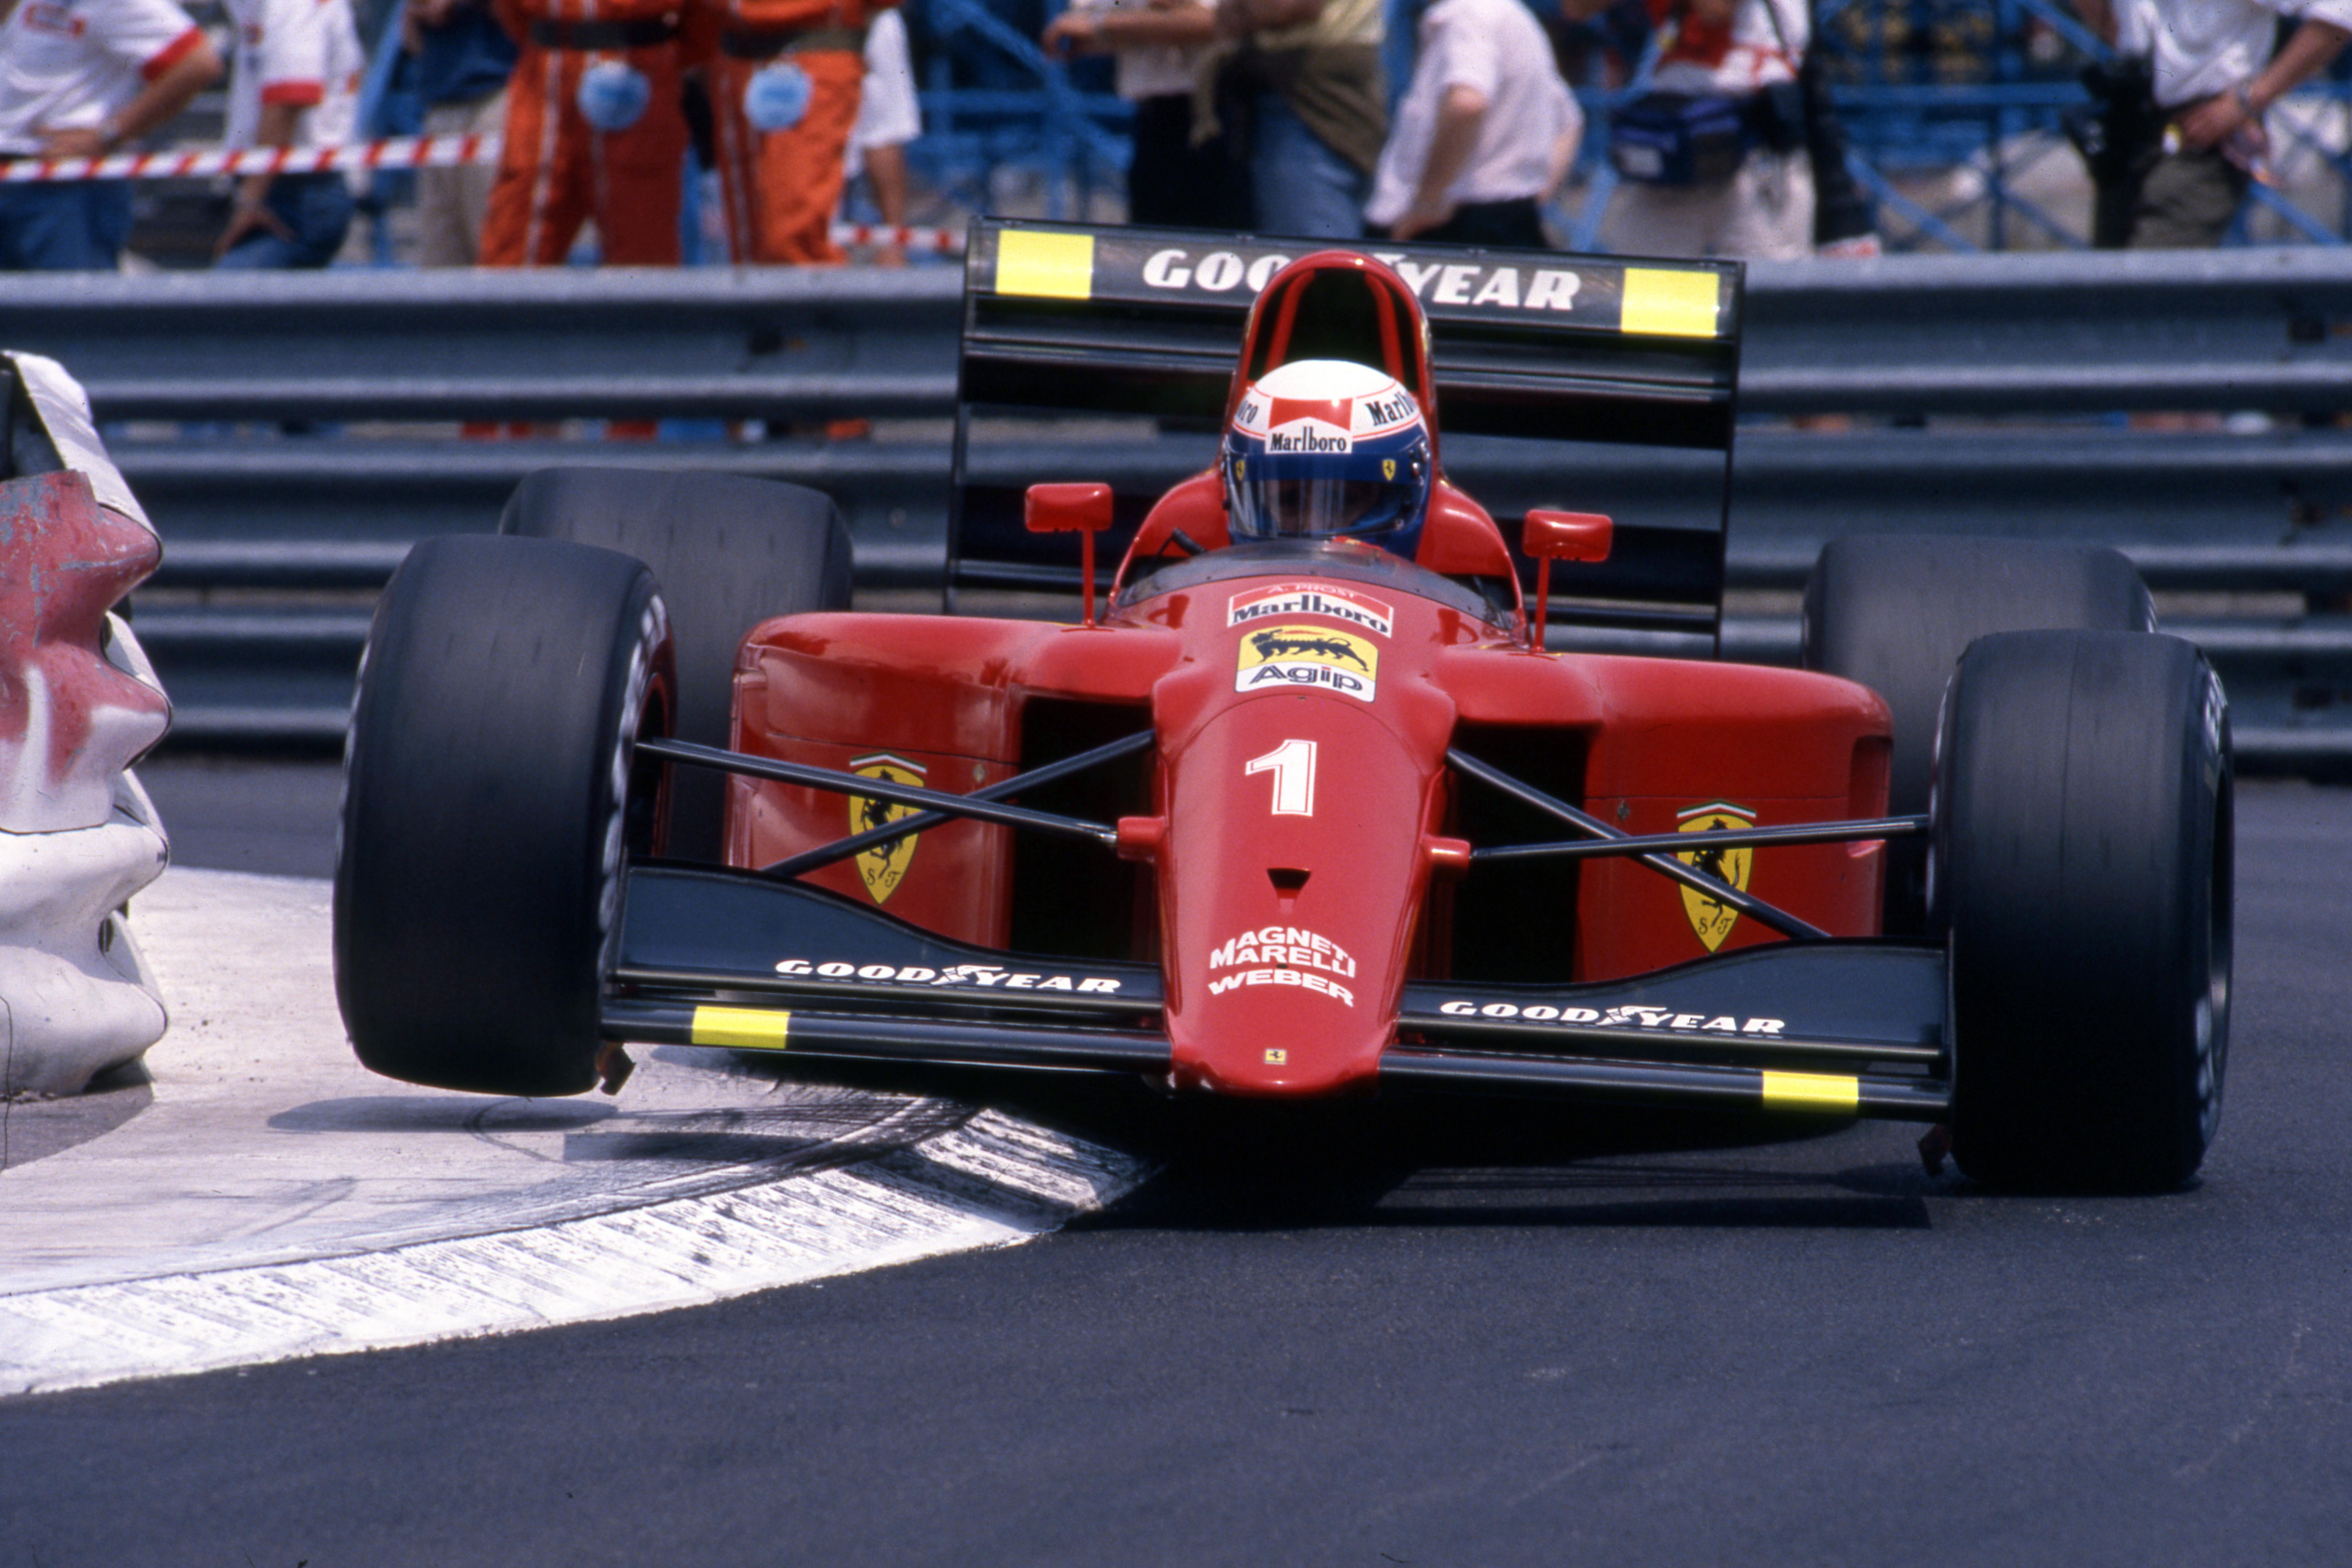 Alain Prost Ferrari Monaco Grand Prix 1990